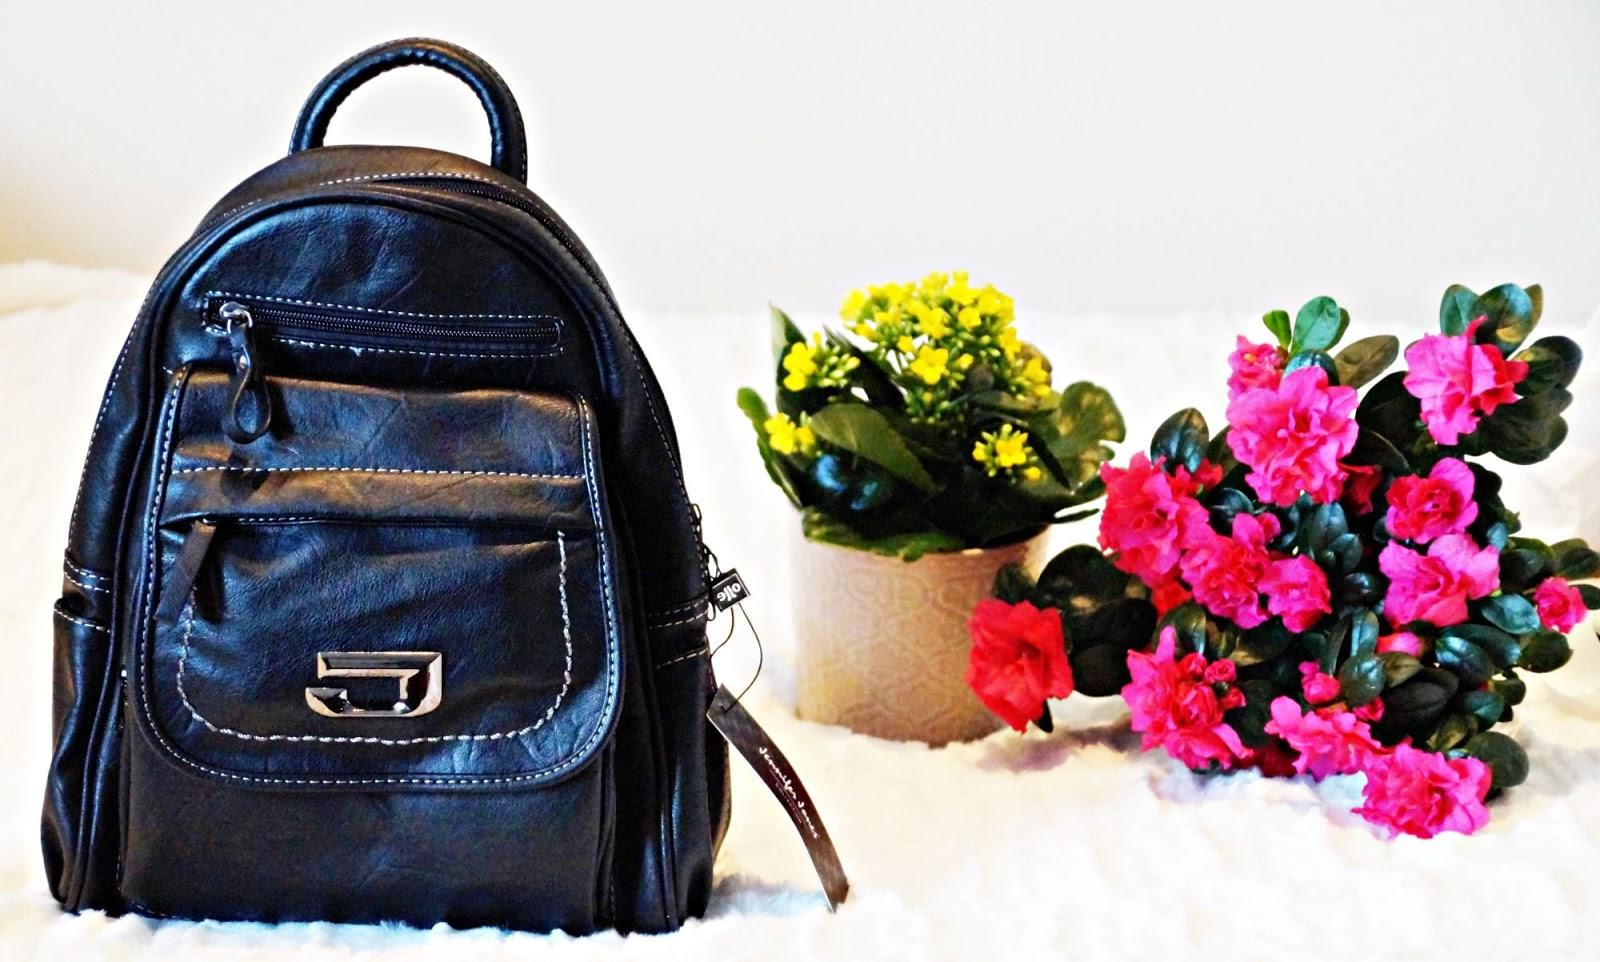 79c4649d690d Od zakończenie szkoły podstawowej nie miałam plecaka. Jednak na nowo  wracają one do łask. Nie tylko w mojej szafie. Są bardzo modne